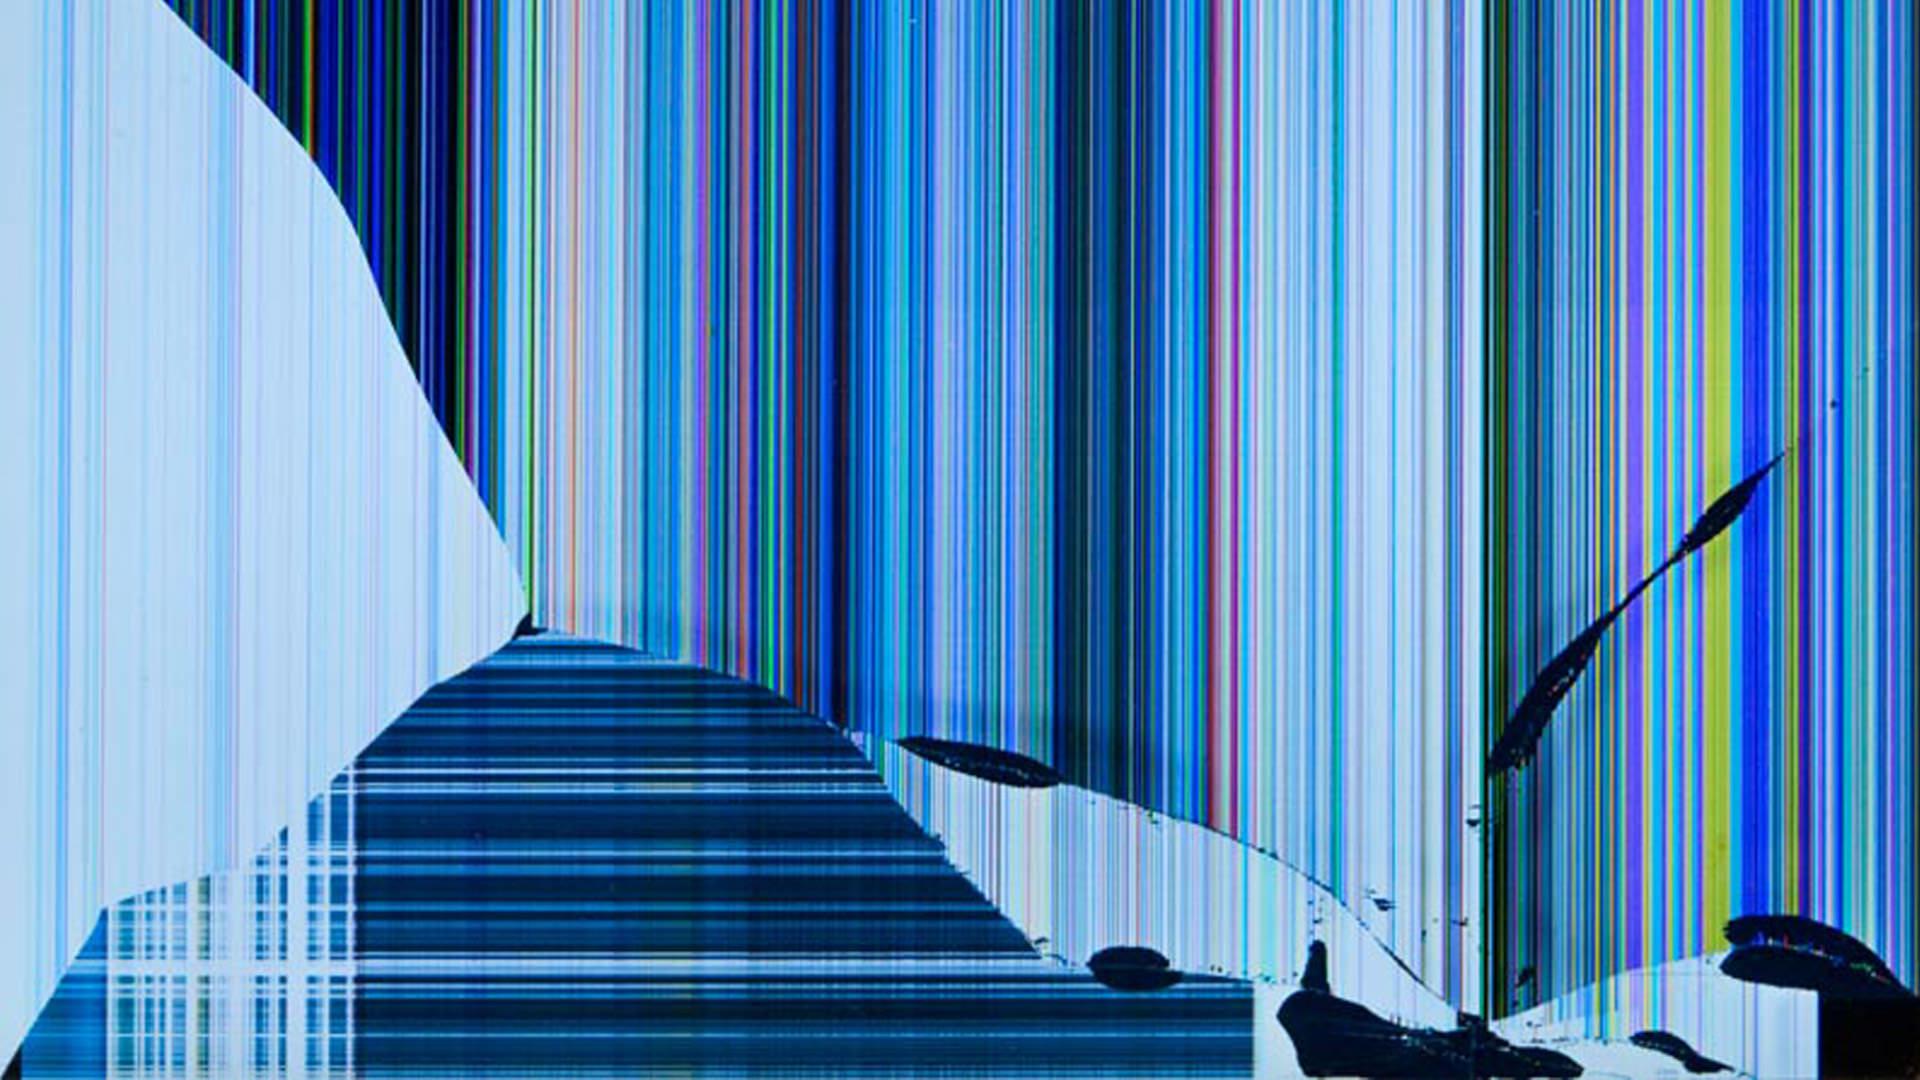 Broken Screen Background Wallpapertag